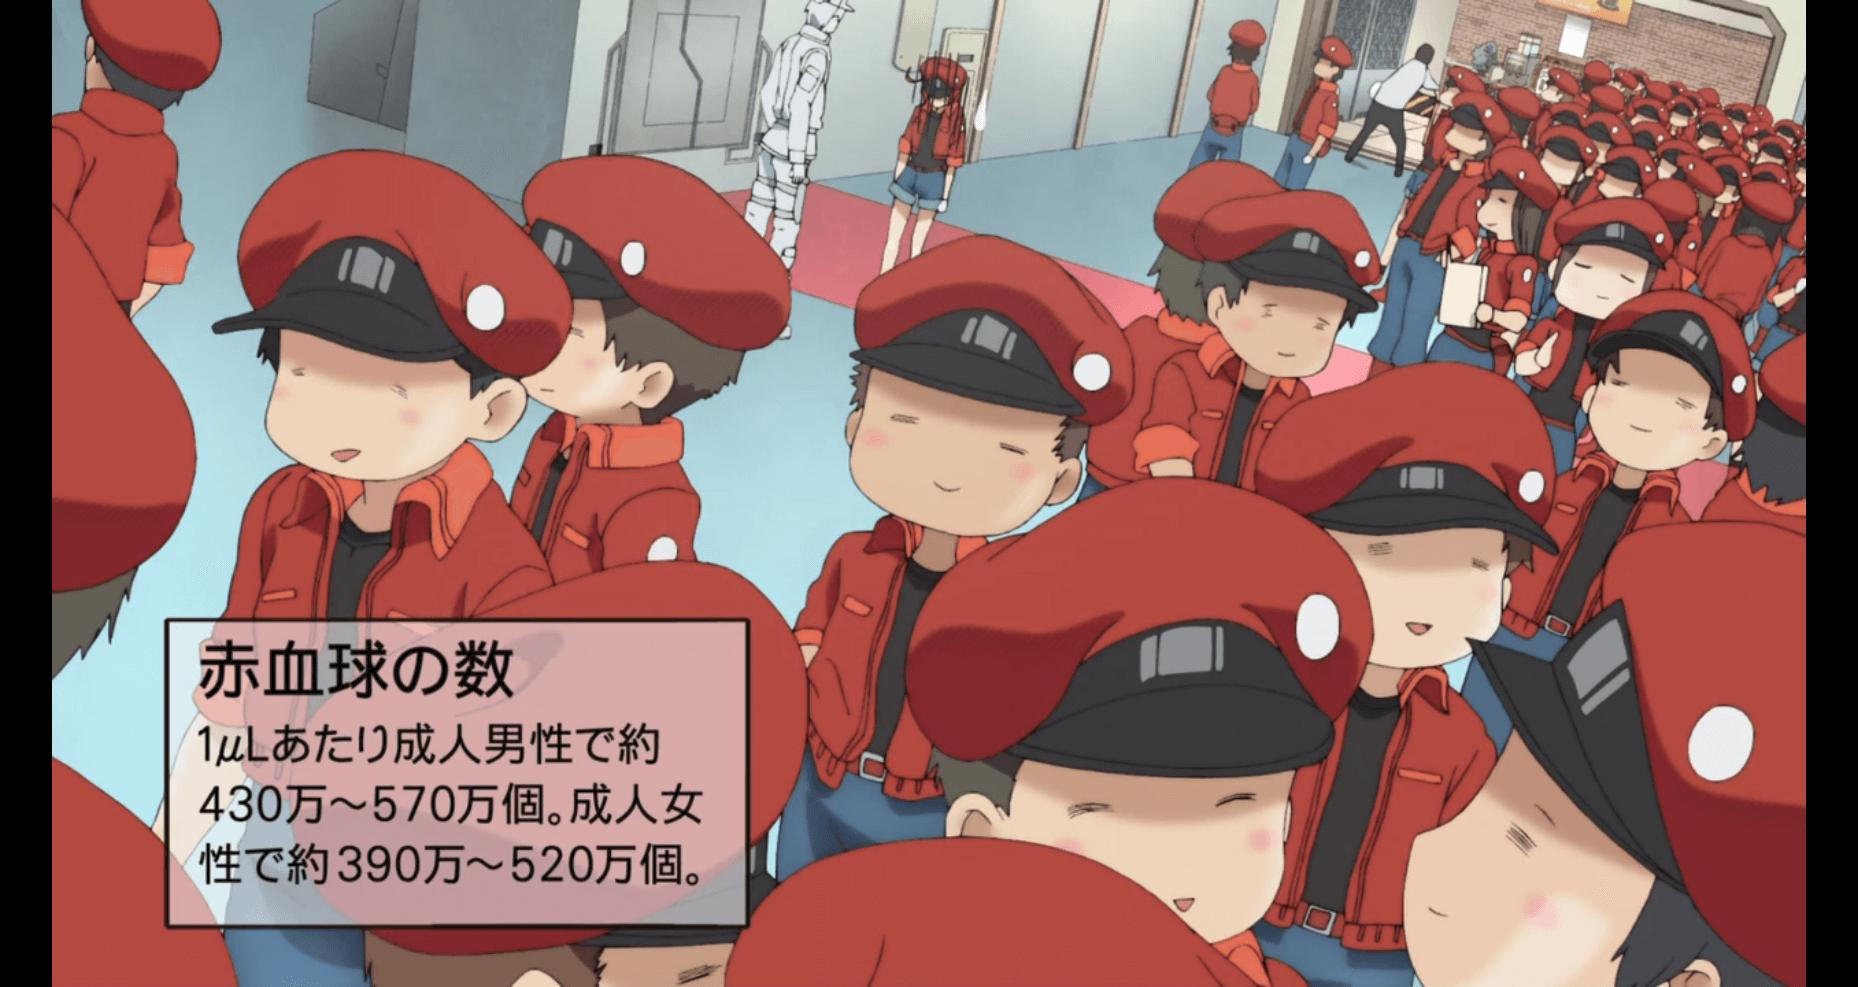 はたらく細胞 アニメ 画像